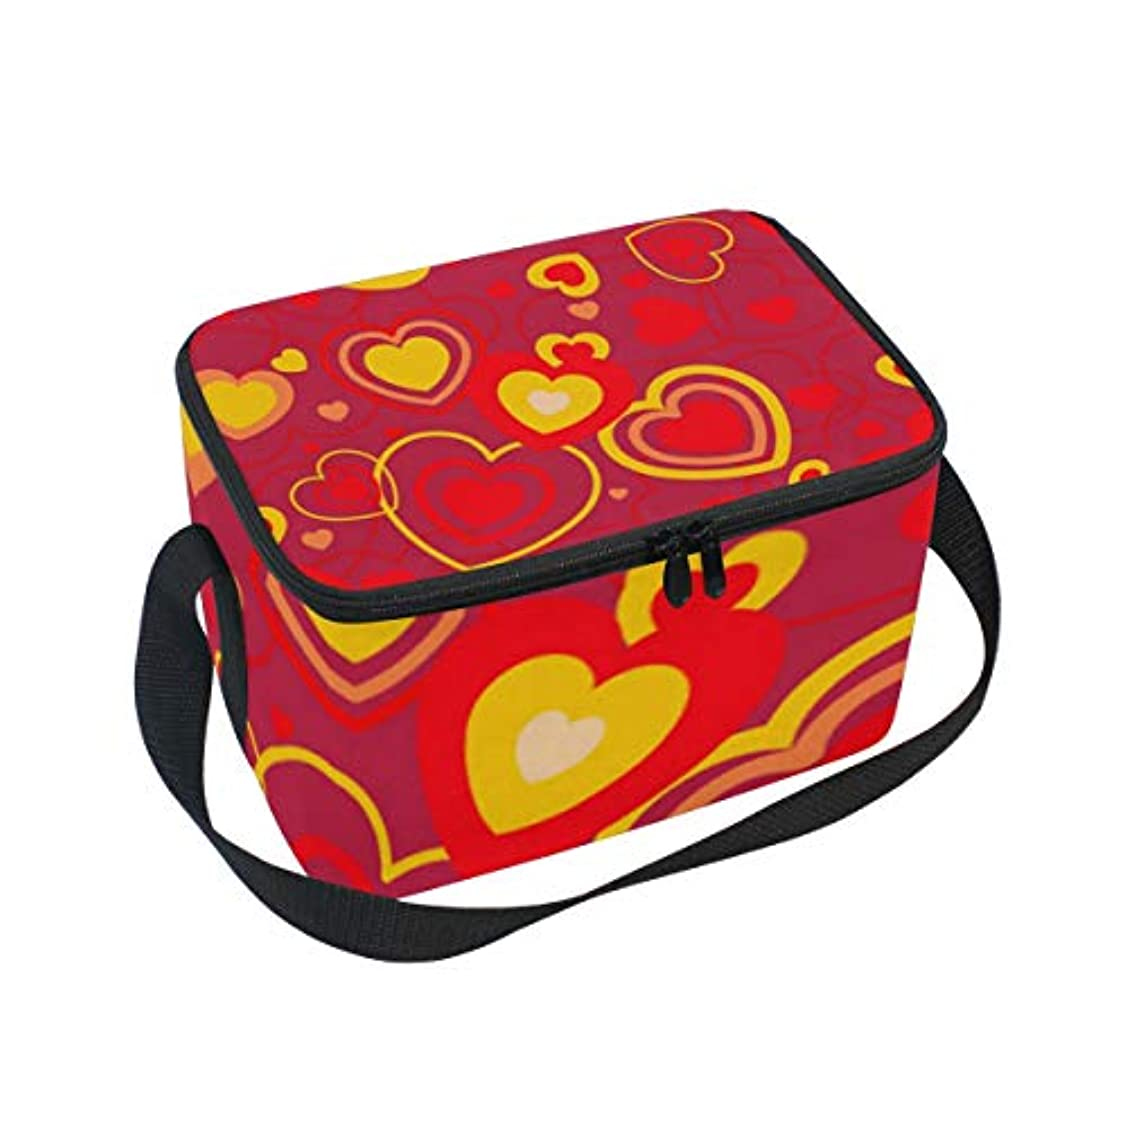 円周電話巡礼者クーラーバッグ クーラーボックス ソフトクーラ 冷蔵ボックス キャンプ用品 バレンタインデー 心柄 保冷保温 大容量 肩掛け お花見 アウトドア